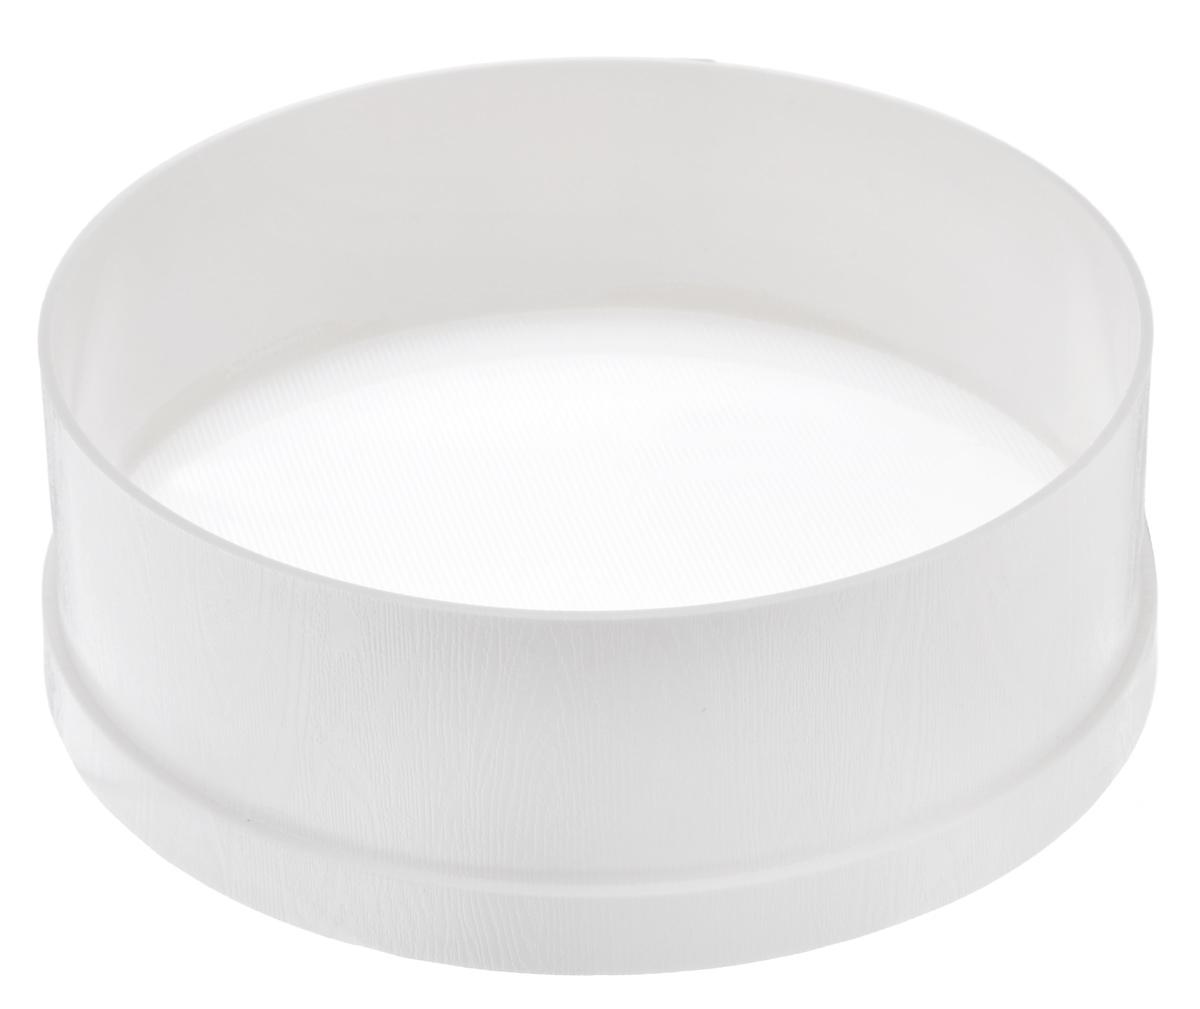 Сито Cosmoplast, цвет: белый, диаметр 23 см. 41284128_белыйСито Cosmoplast, выполненное из высококачественного пищевого пластика, станет незаменимым аксессуаром на вашей кухне. Оно предназначено для просеивания и процеживания муки. Такое сито станет достойным дополнением к кухонному инвентарю. Диаметр сита: 23 см. Высота стенки: 8 см.